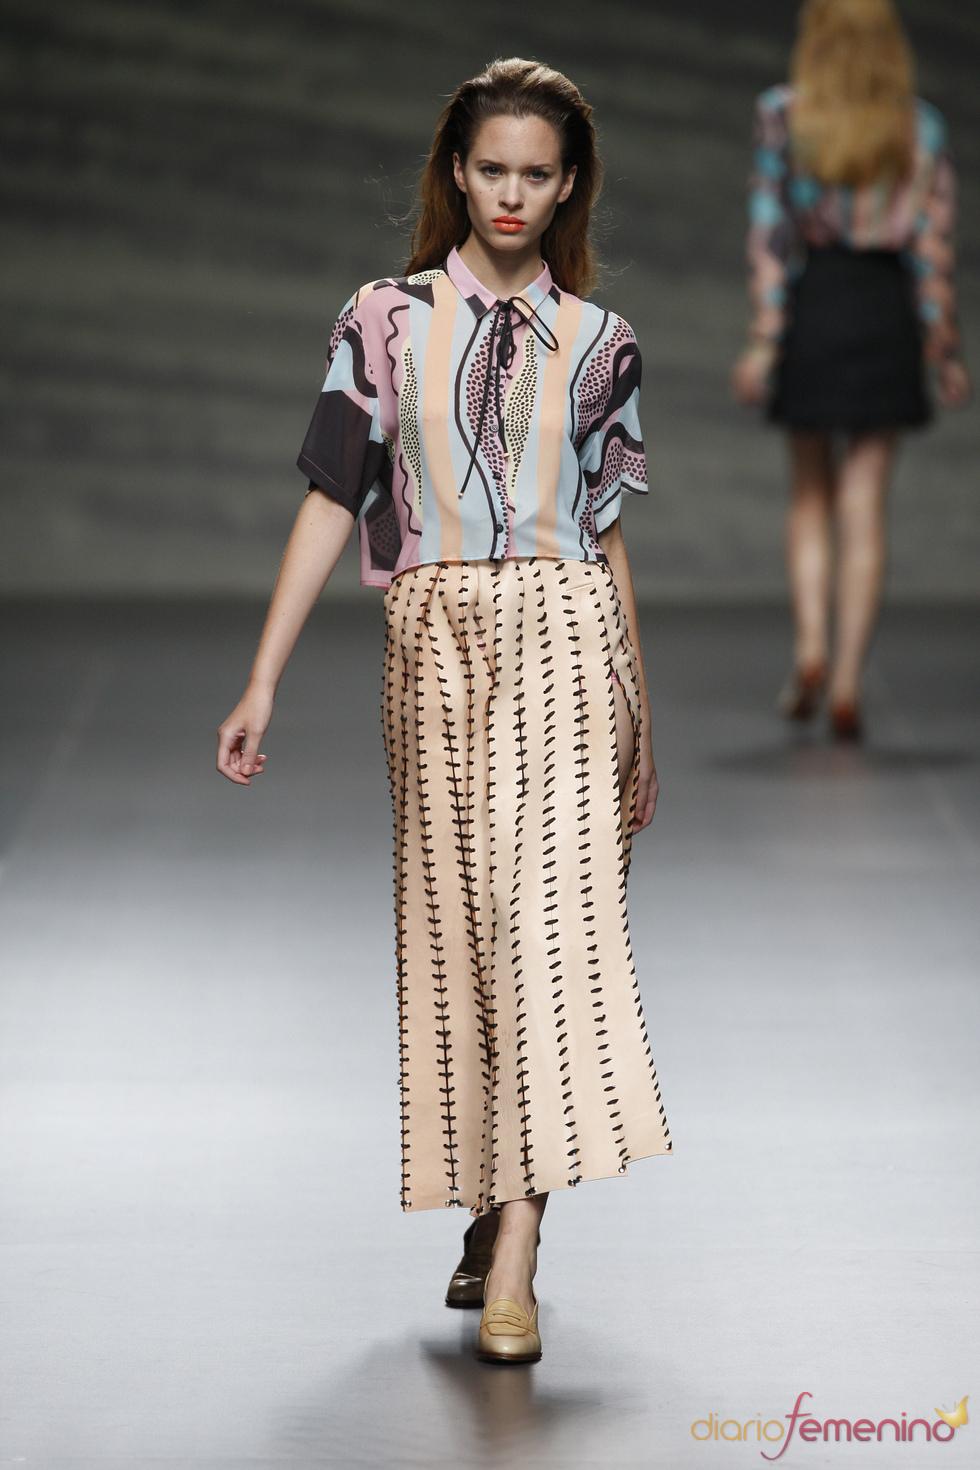 Martin Lamothe recorta el cuero para decorarlo con su aguja en la Madrid Fashion Week